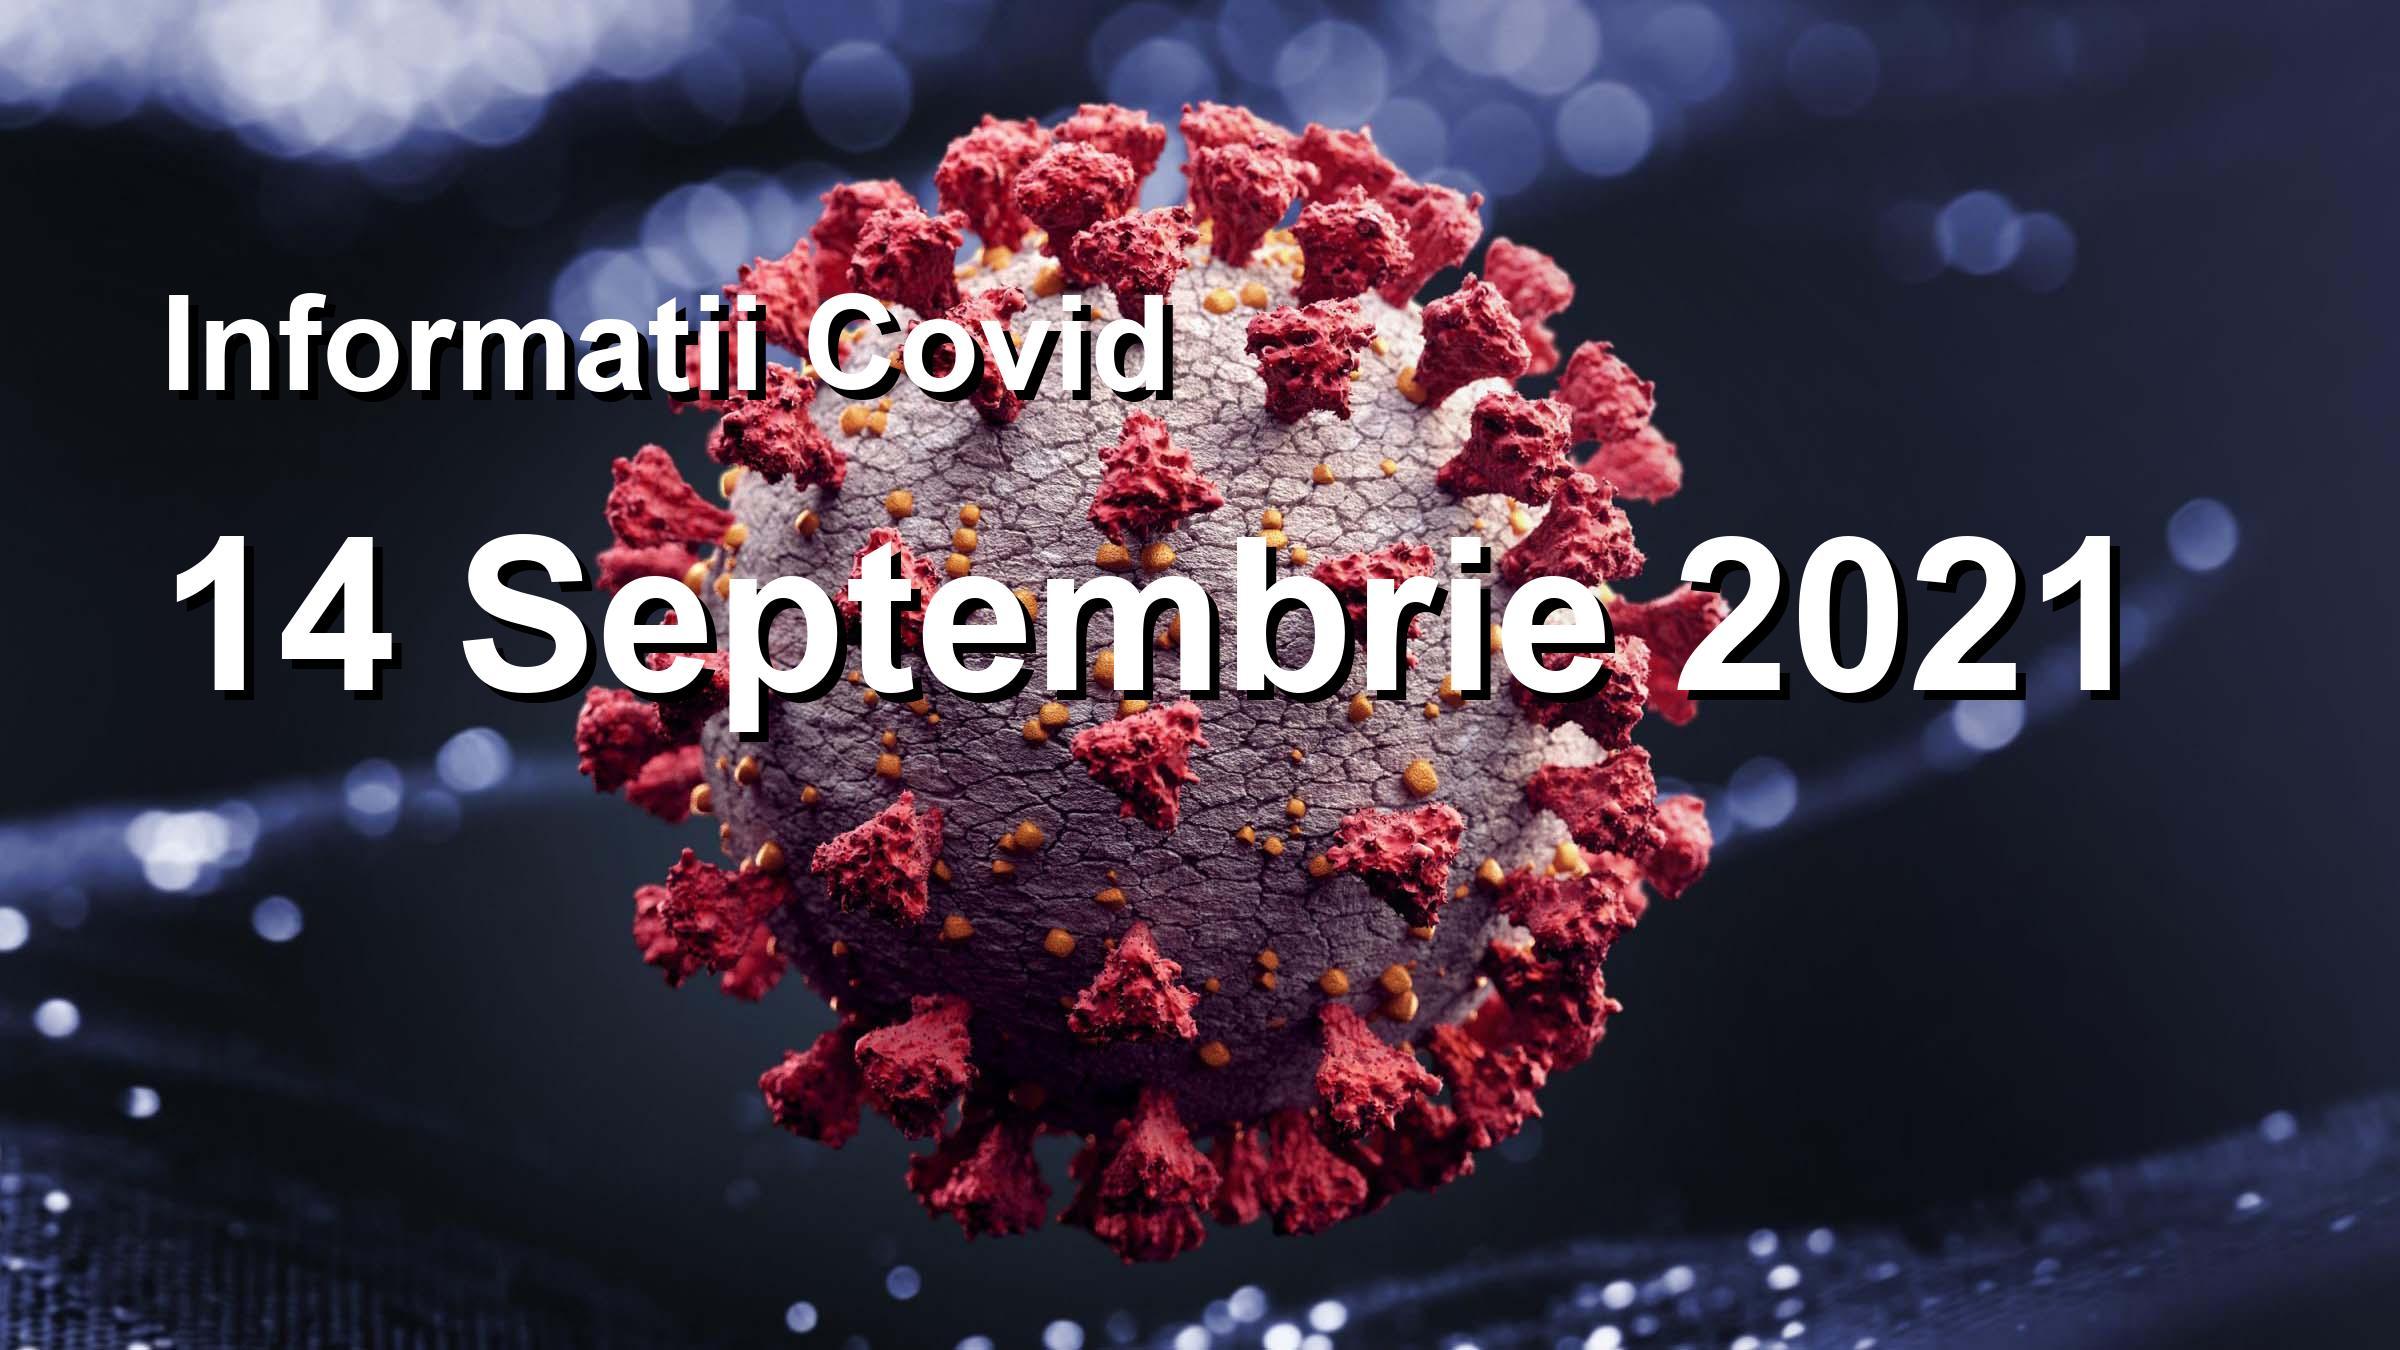 Informatii Covid-19 pentru 14 Septembrie 2021: 3929 infectari, 47449 teste.   Coronavirus Romania